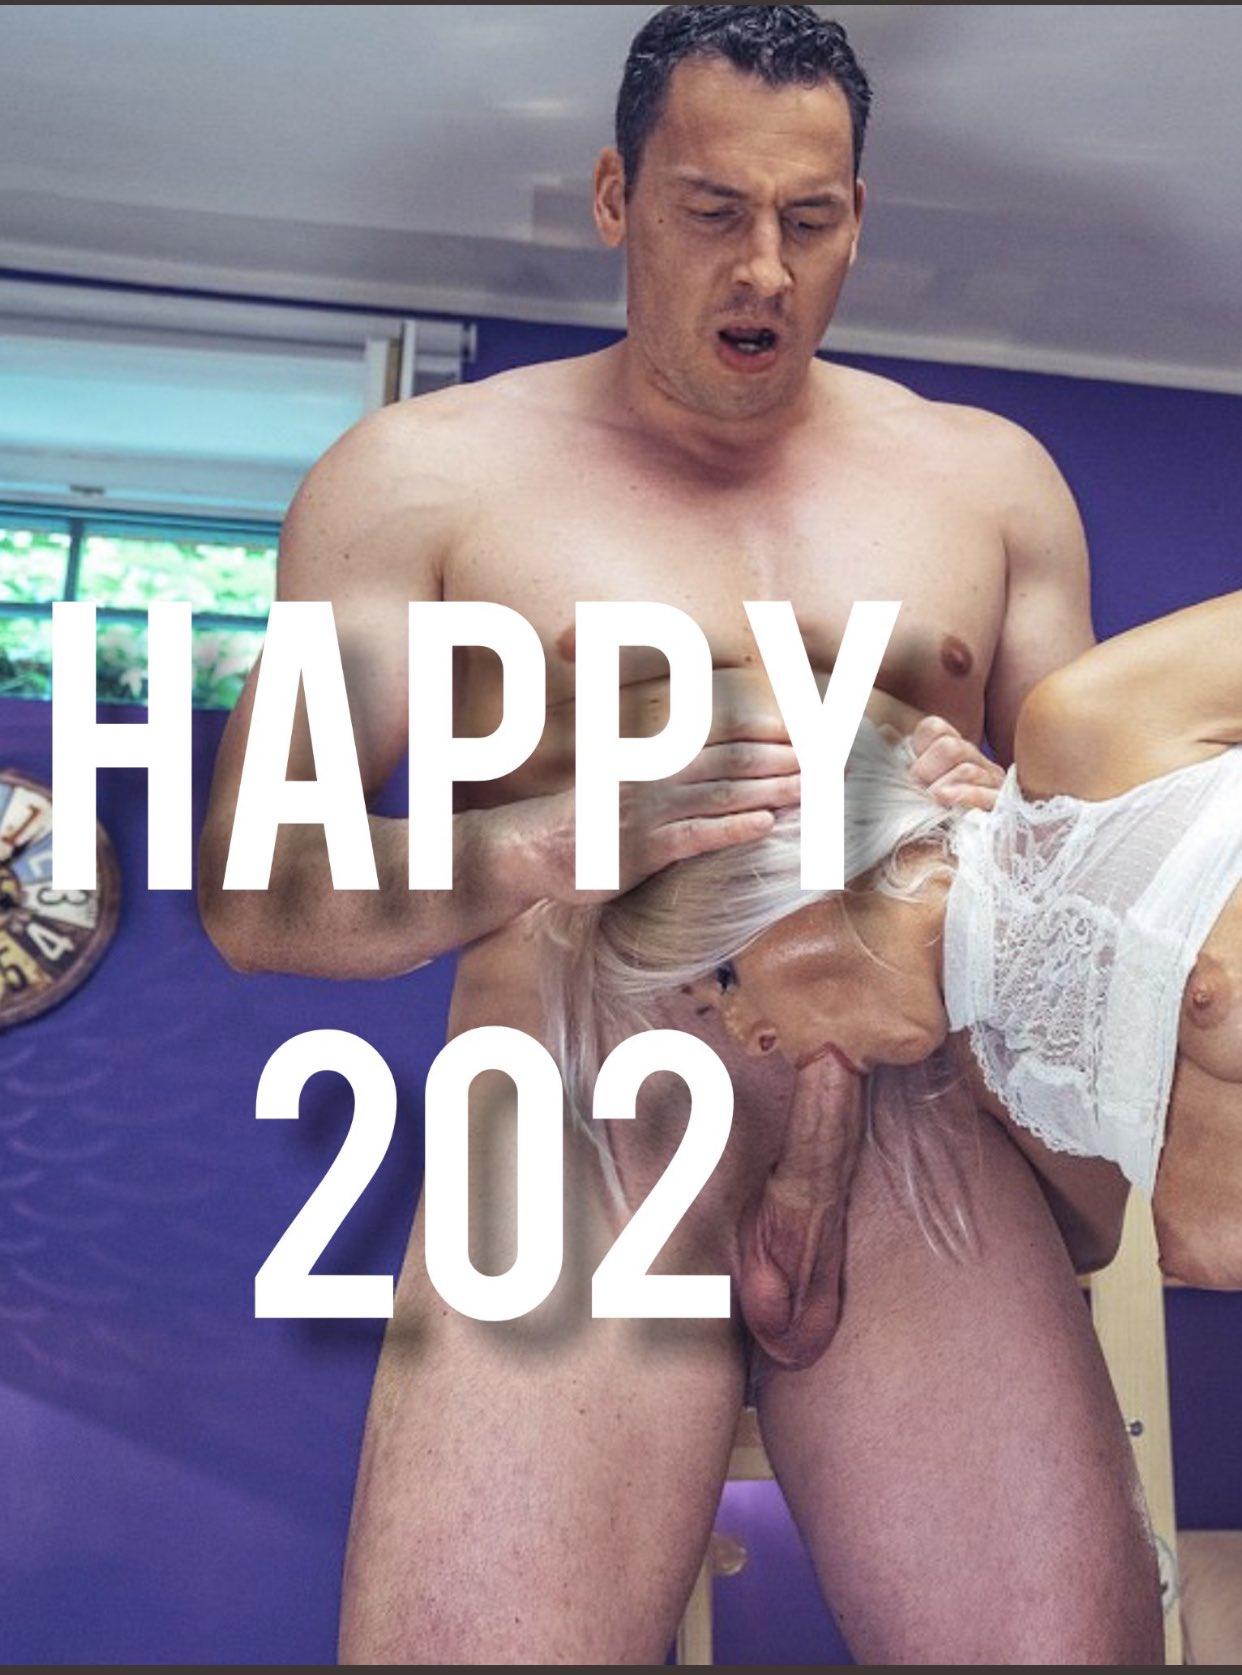 porno 2021 sexo oral